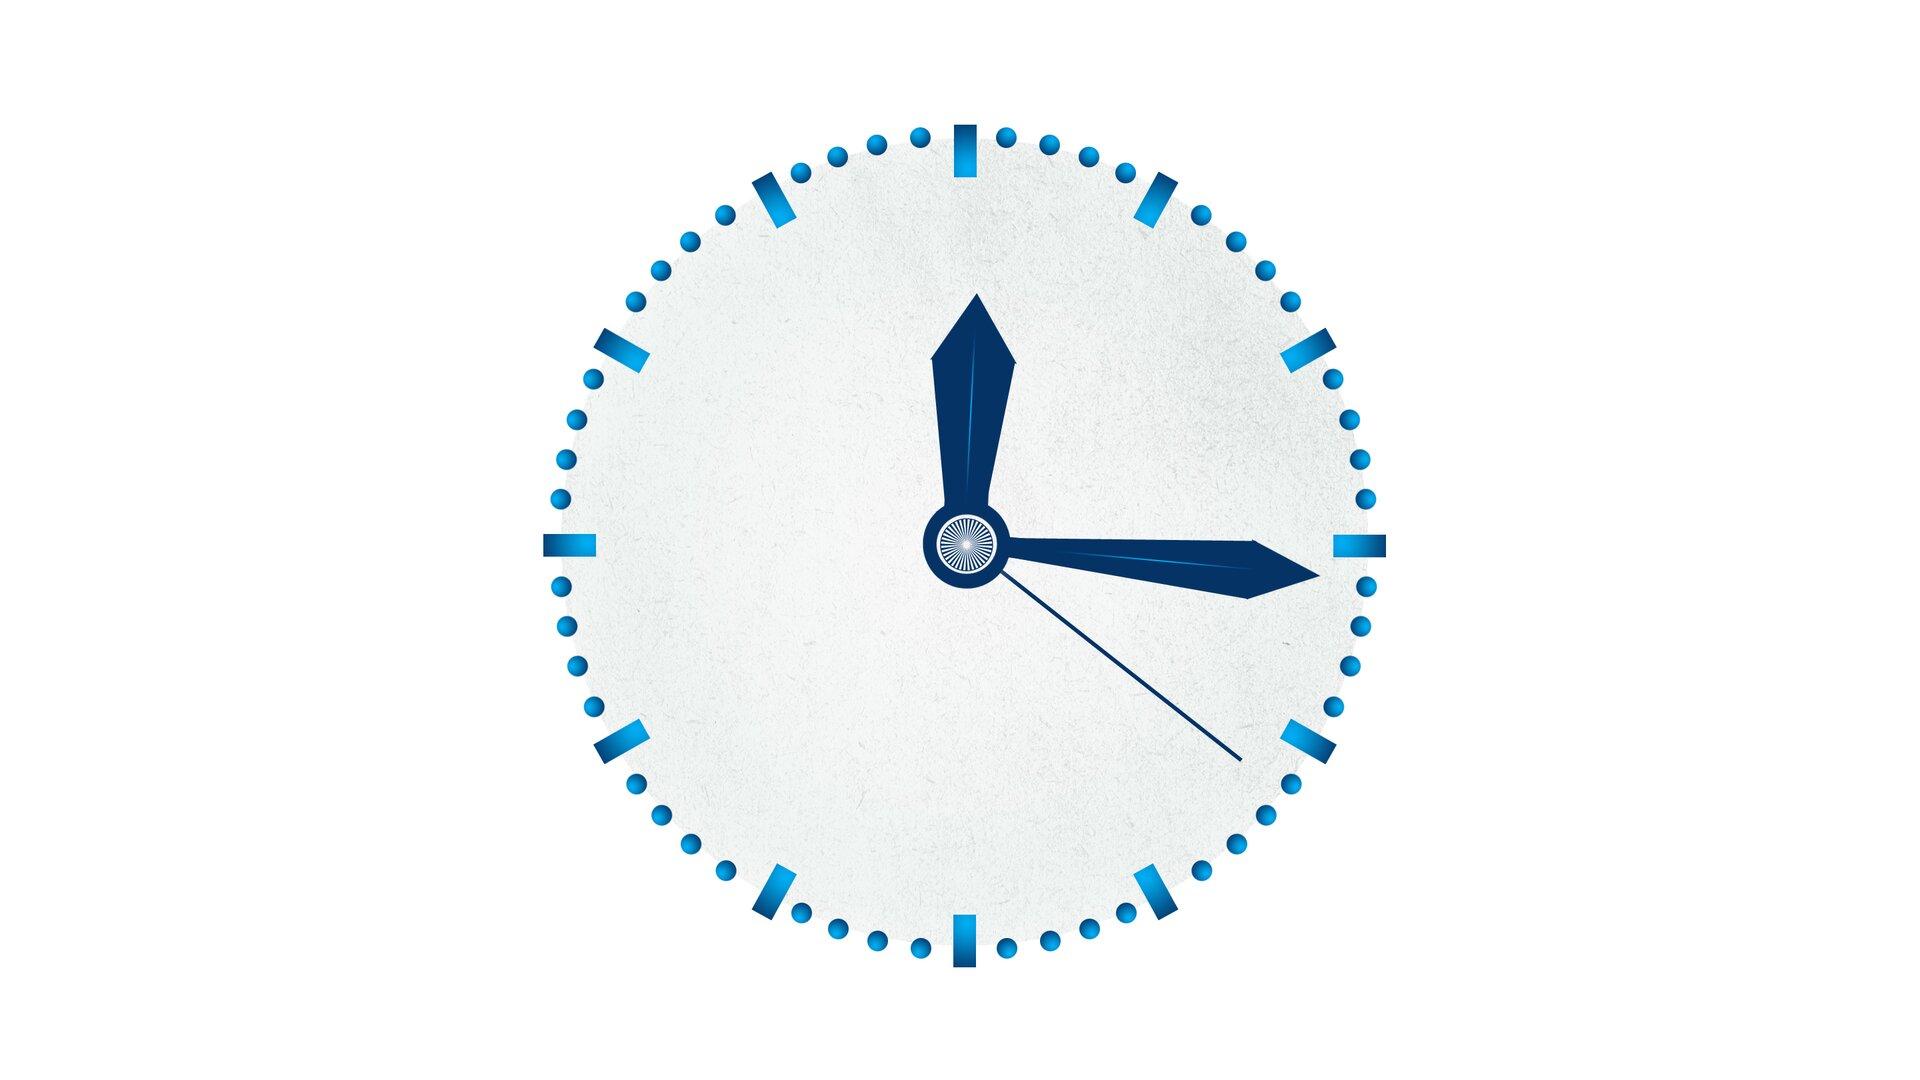 Rysunek zegara, którego wskazówki wskazują godzinę dwunastą szesnaście idwadzieścia jeden sekund.